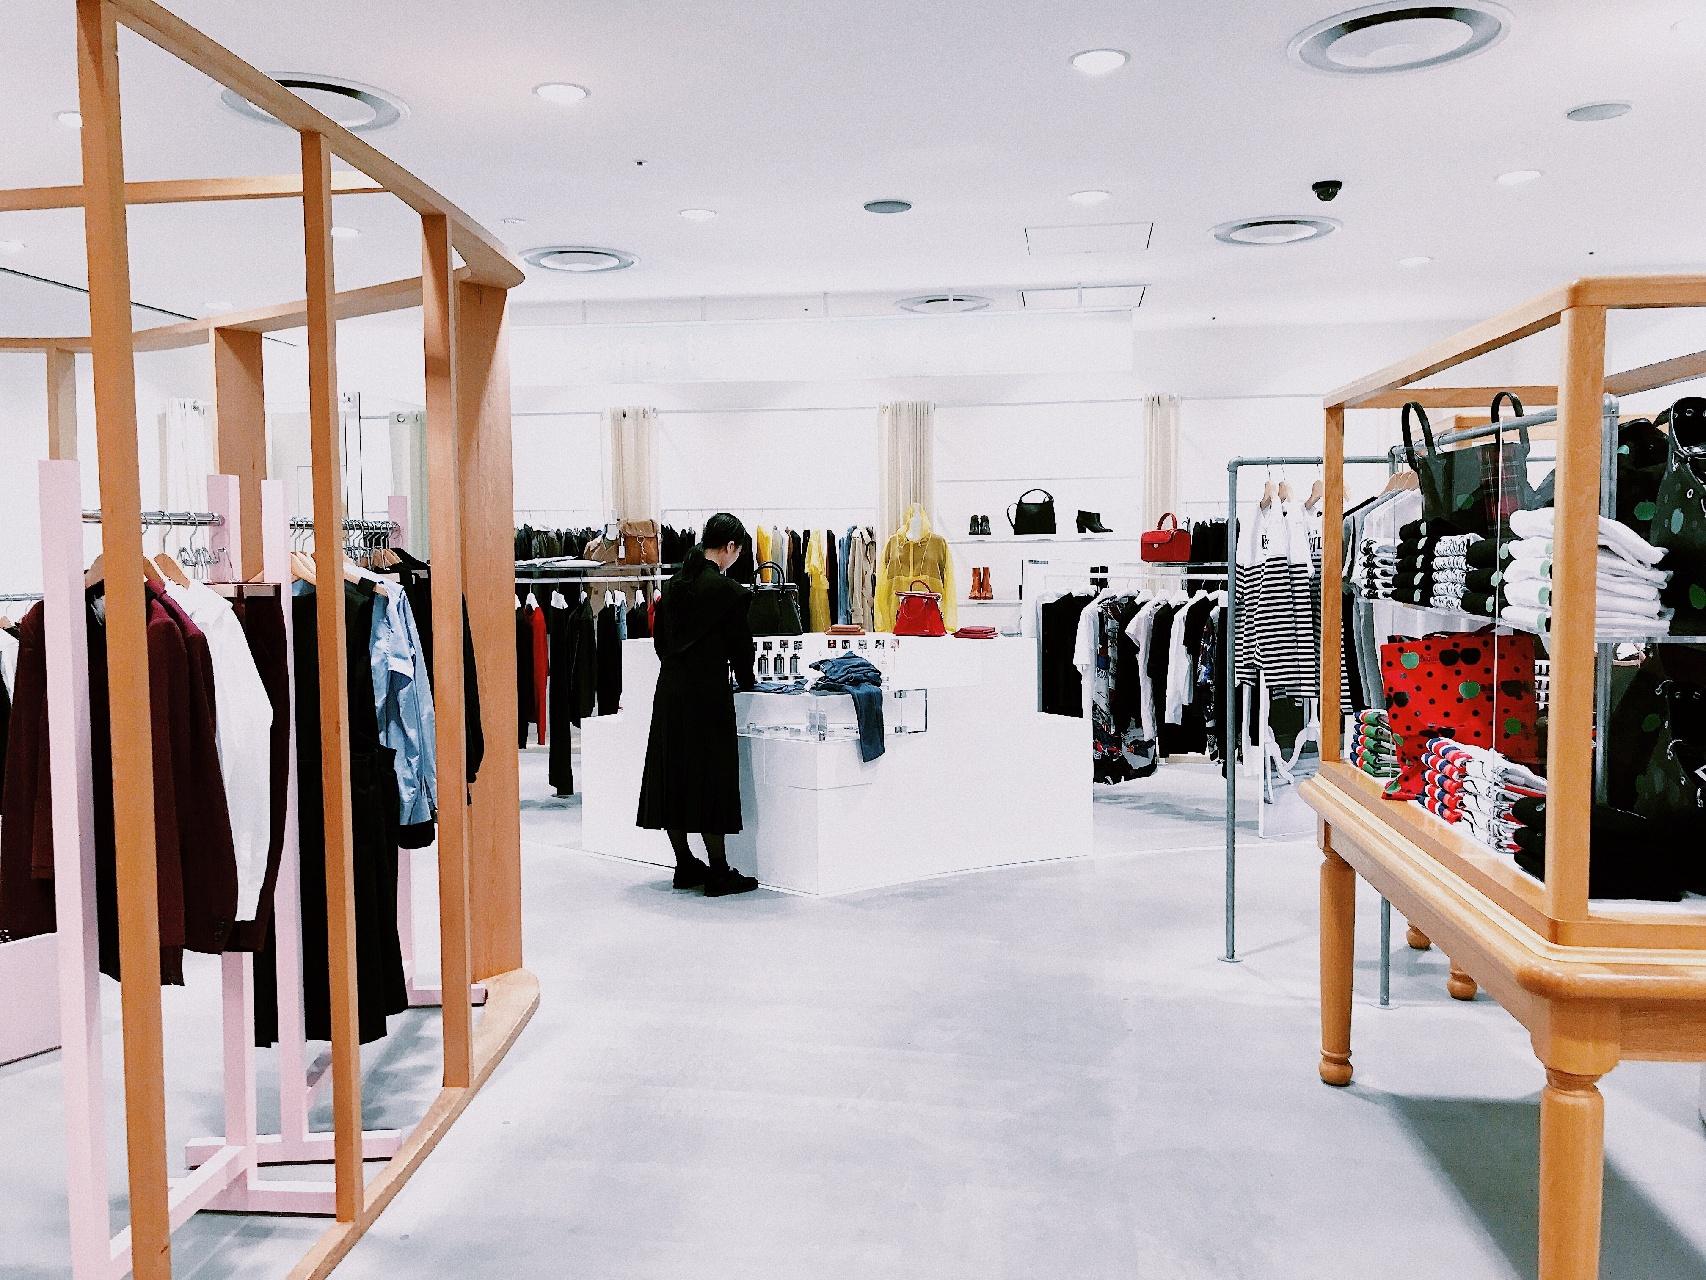 Die neue Rolle des Einzelhandels:  Mit diesen Trends müssen Retailer heute und in Zukunft rechnen_cmm360_Photo by Korie Cull on Unsplash